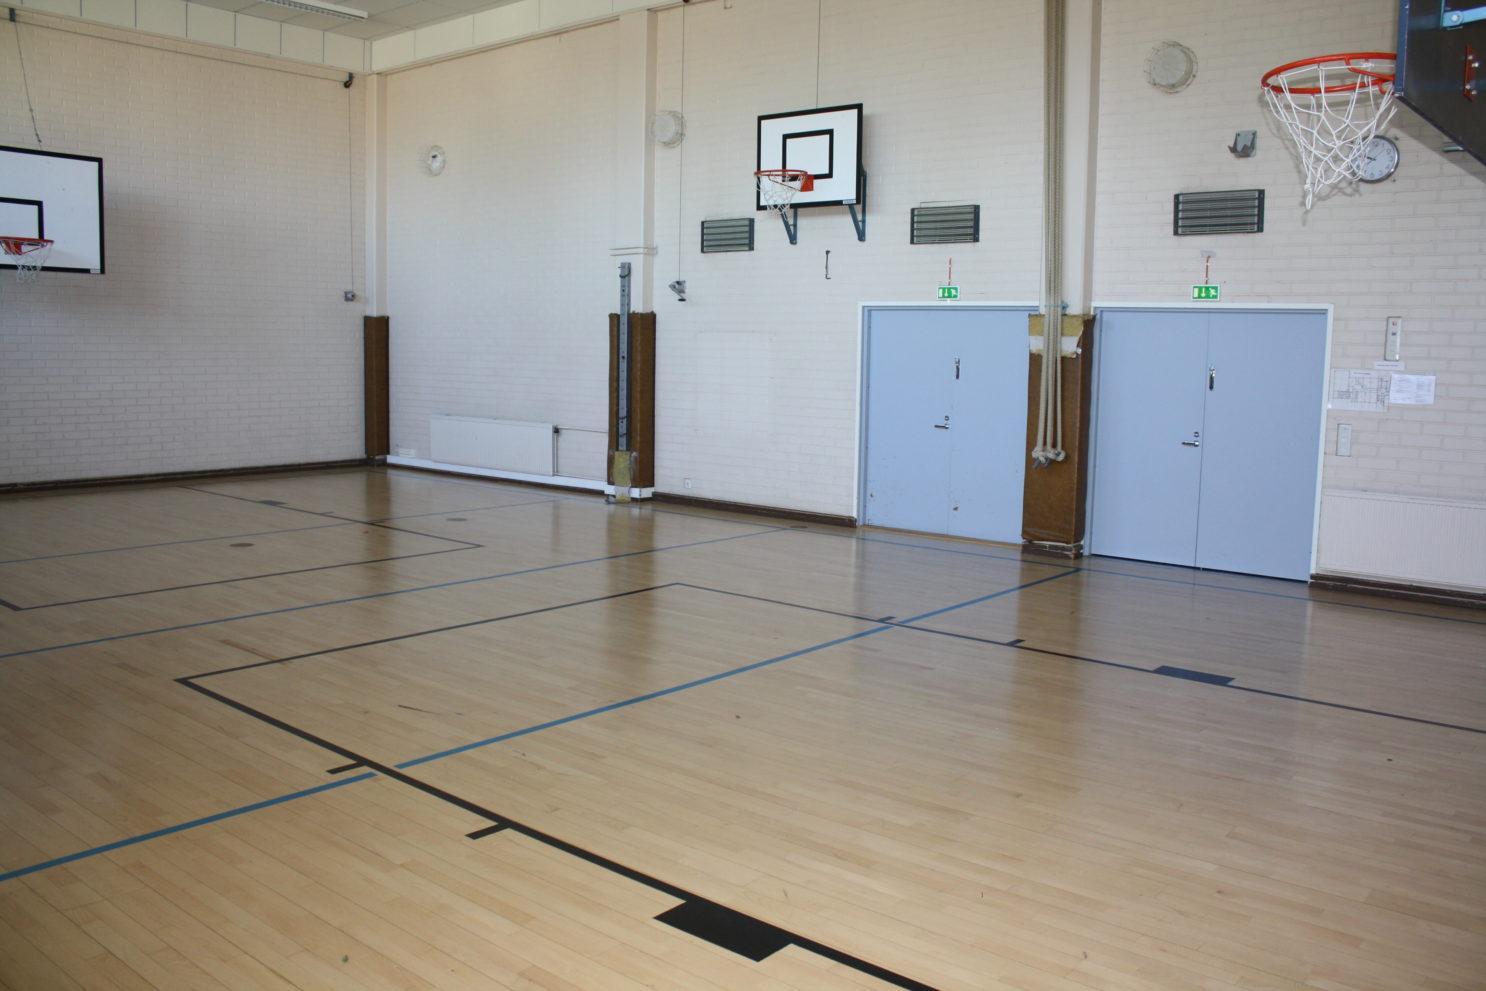 Lepsämän koulun sali